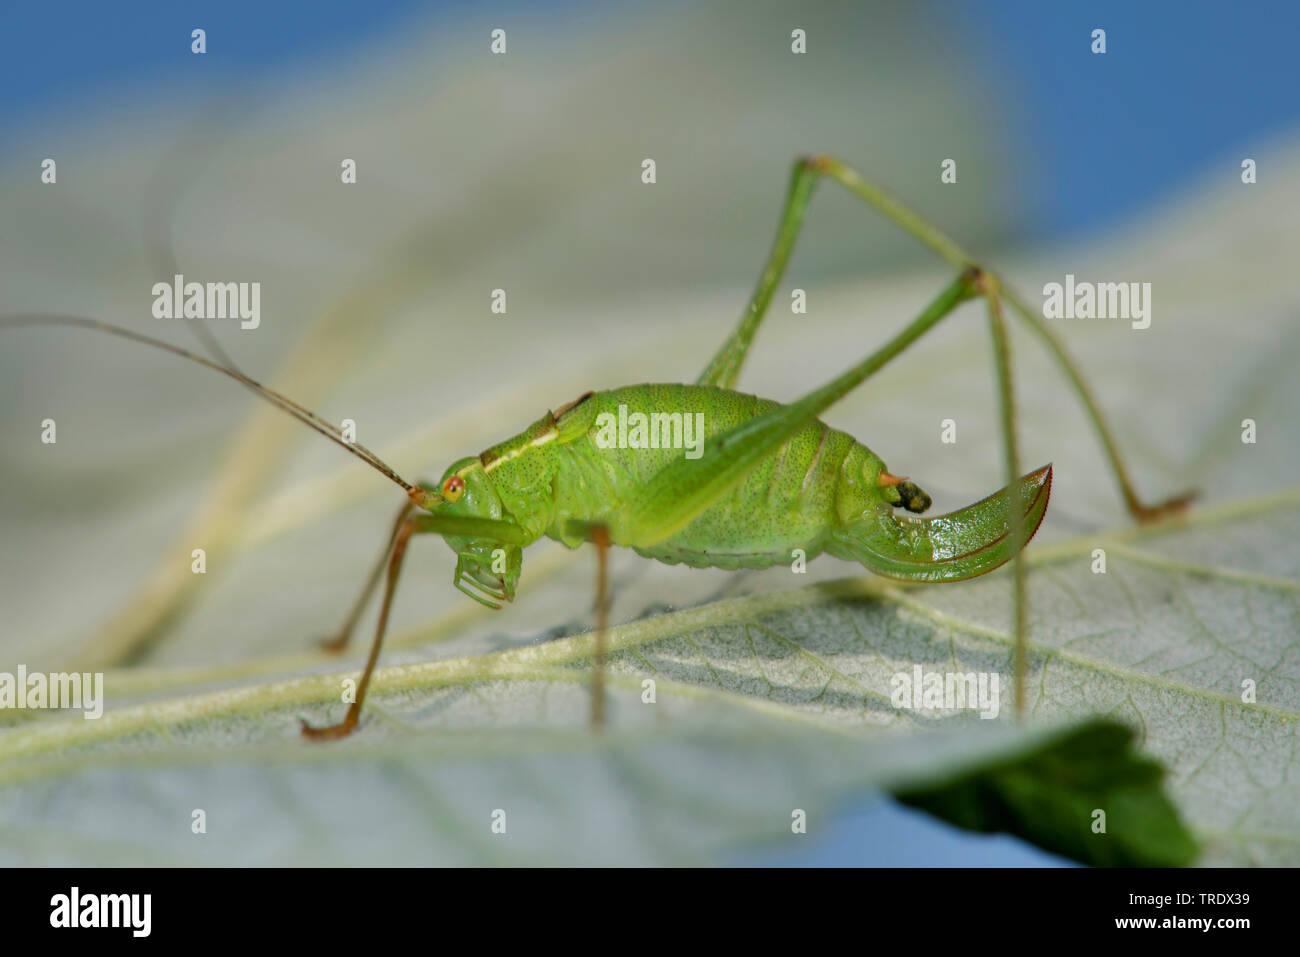 Punktierte Zartschrecke, Gewoehnliche Zartschrecke (Leptophyes punctatissima), sitzt auf einem Blatt, Deutschland | Speckled bushcricket, Speckled bus - Stock Image